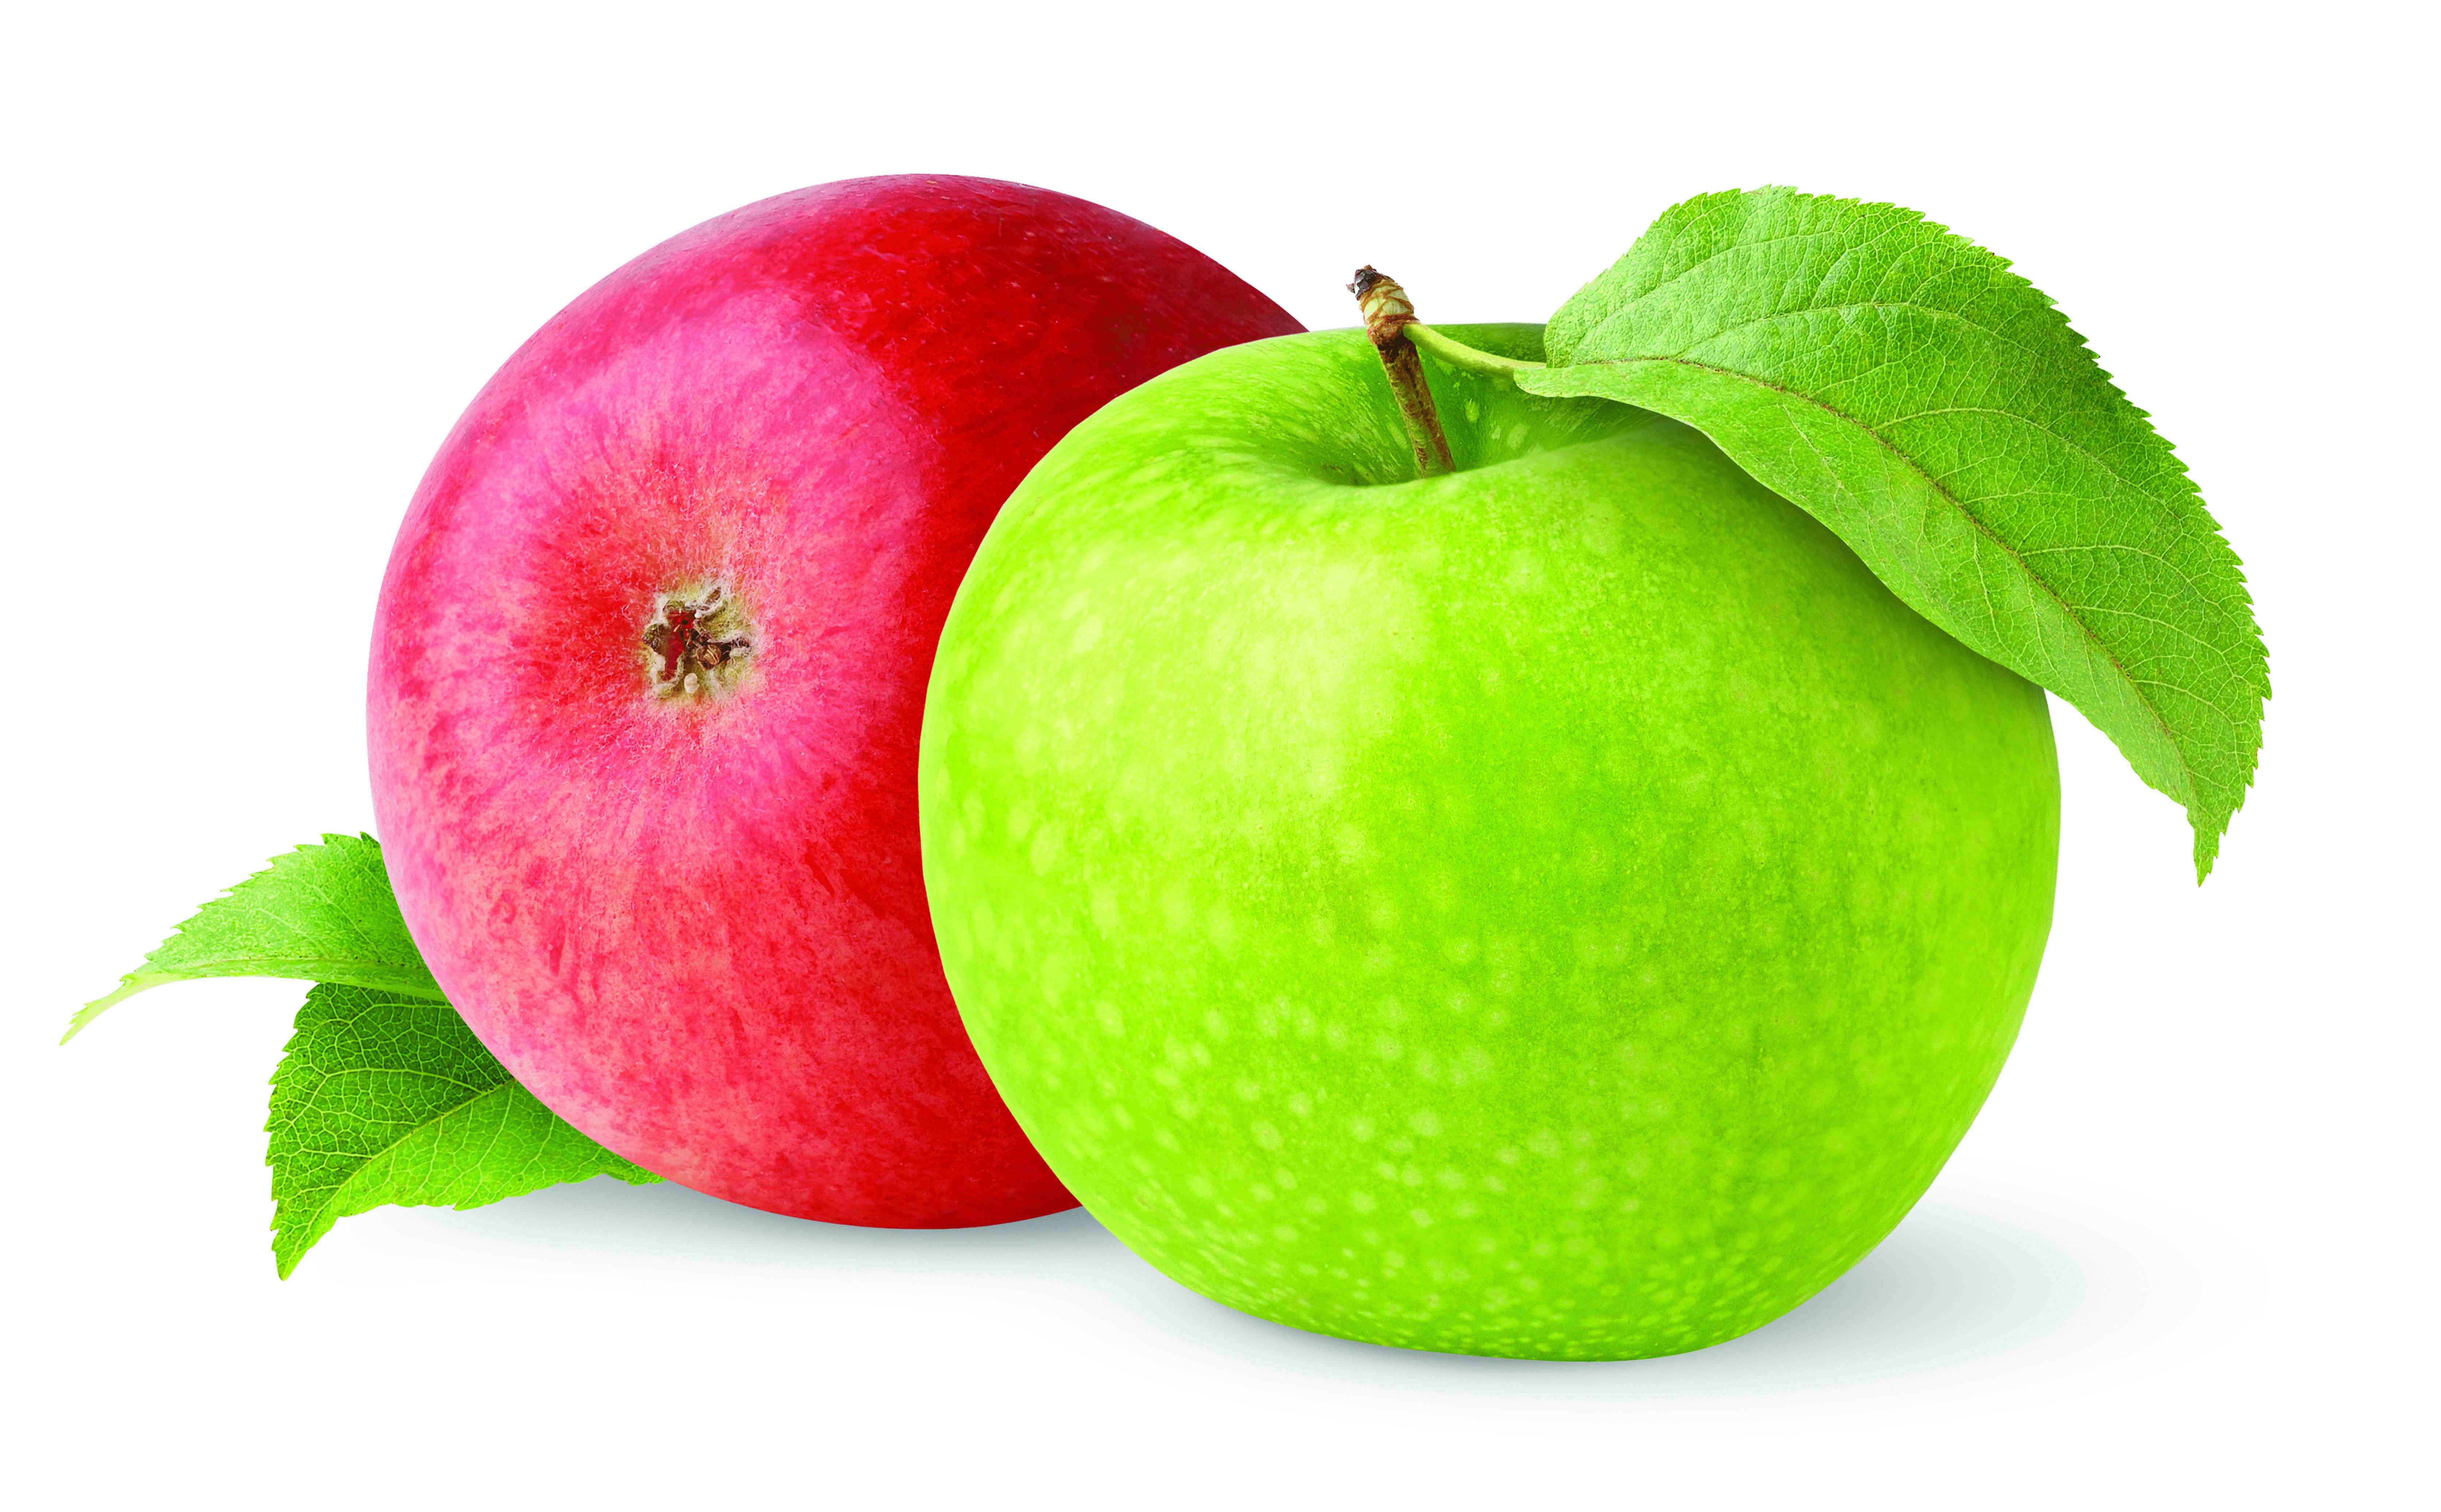 яблоко Фотографии картинки изображения и стокфотография